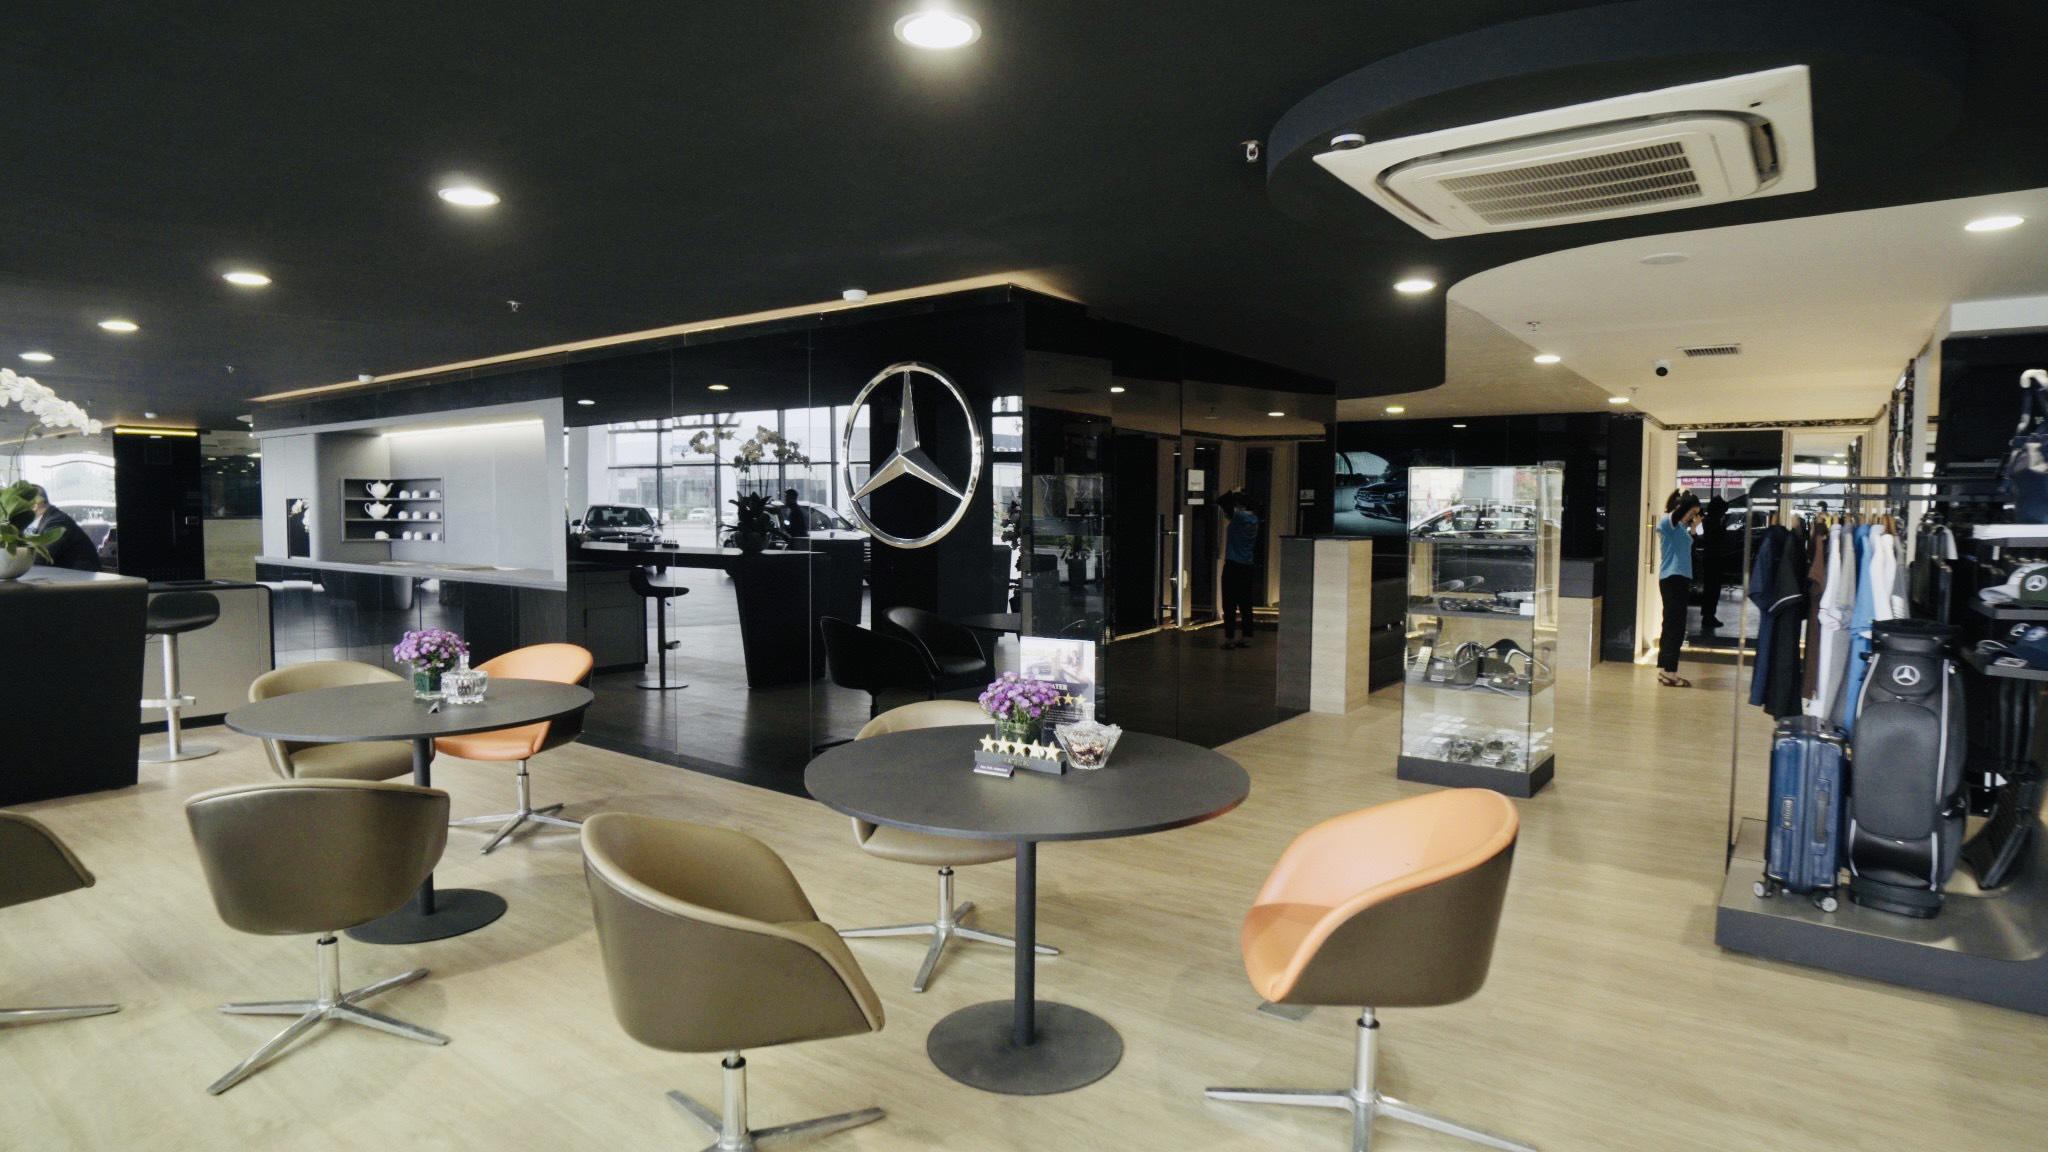 Mercedes-Benz mở rộng thị trường tại khu vực Bắc Trung Bộ mercedes-nghe-an-04.jpeg